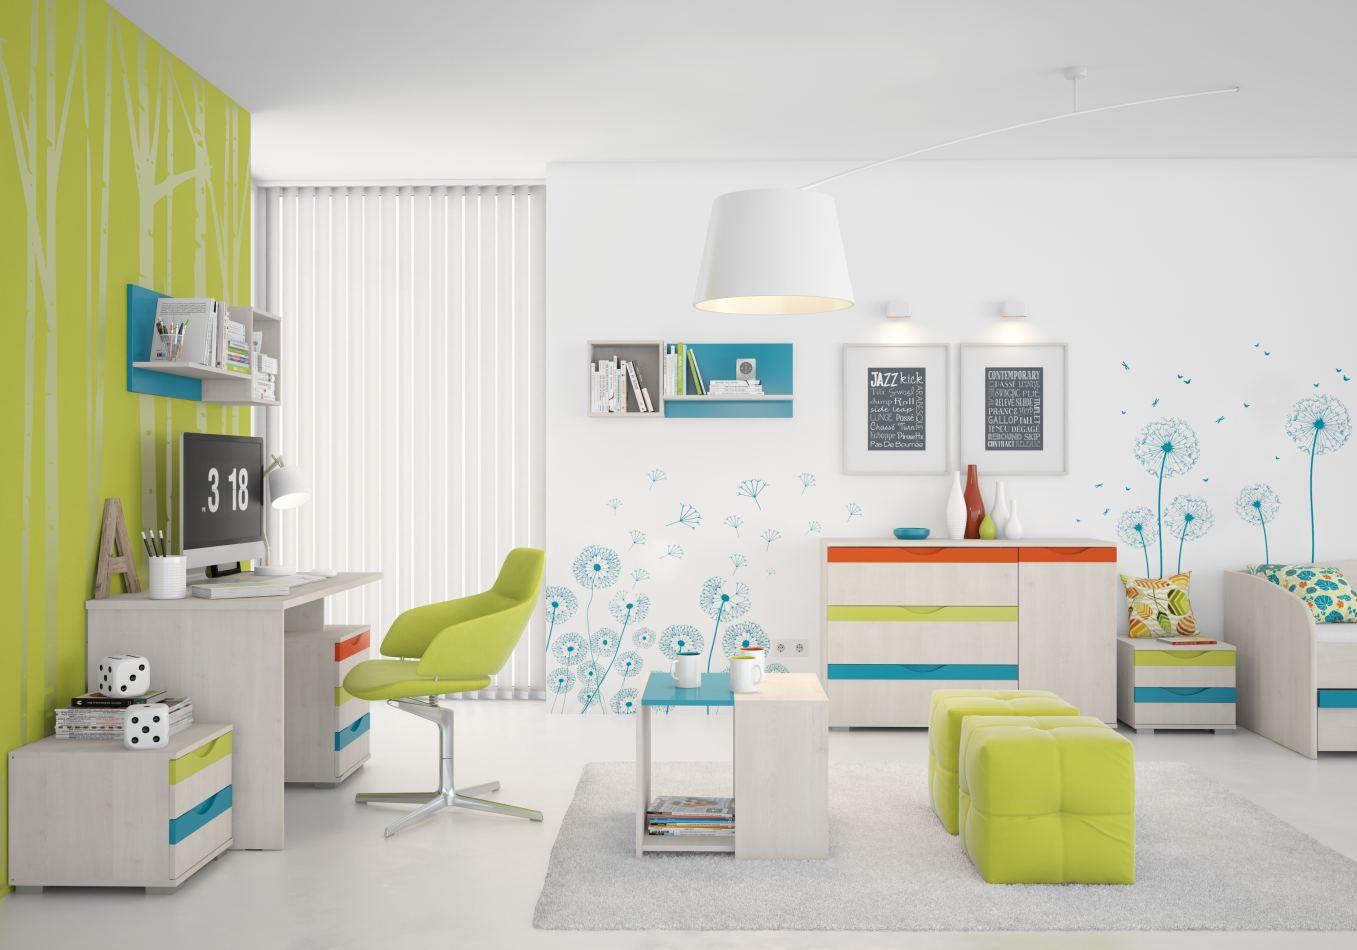 Kinderzimmer Komplett - Set B Peter, 9-teilig, Farbe: Kiefer Weiß / Orange / Gelb / Türkis